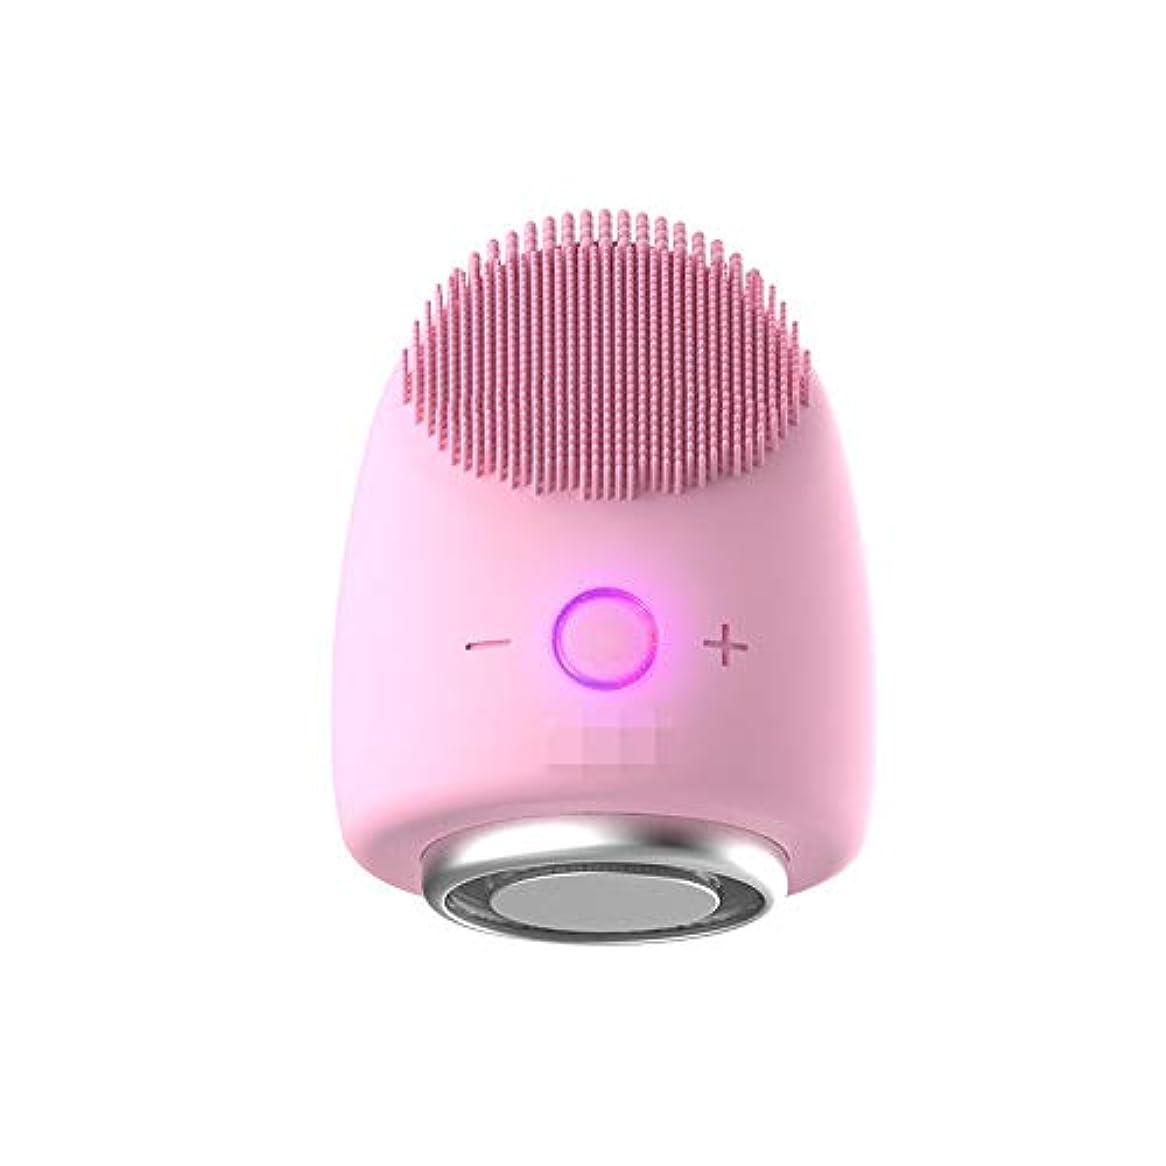 強います疑わしいフィヨルドChaopeng 多機能美容器具洗浄器具導入器具凝縮ホットドレッシング肌活性化器具 (Color : ピンク)